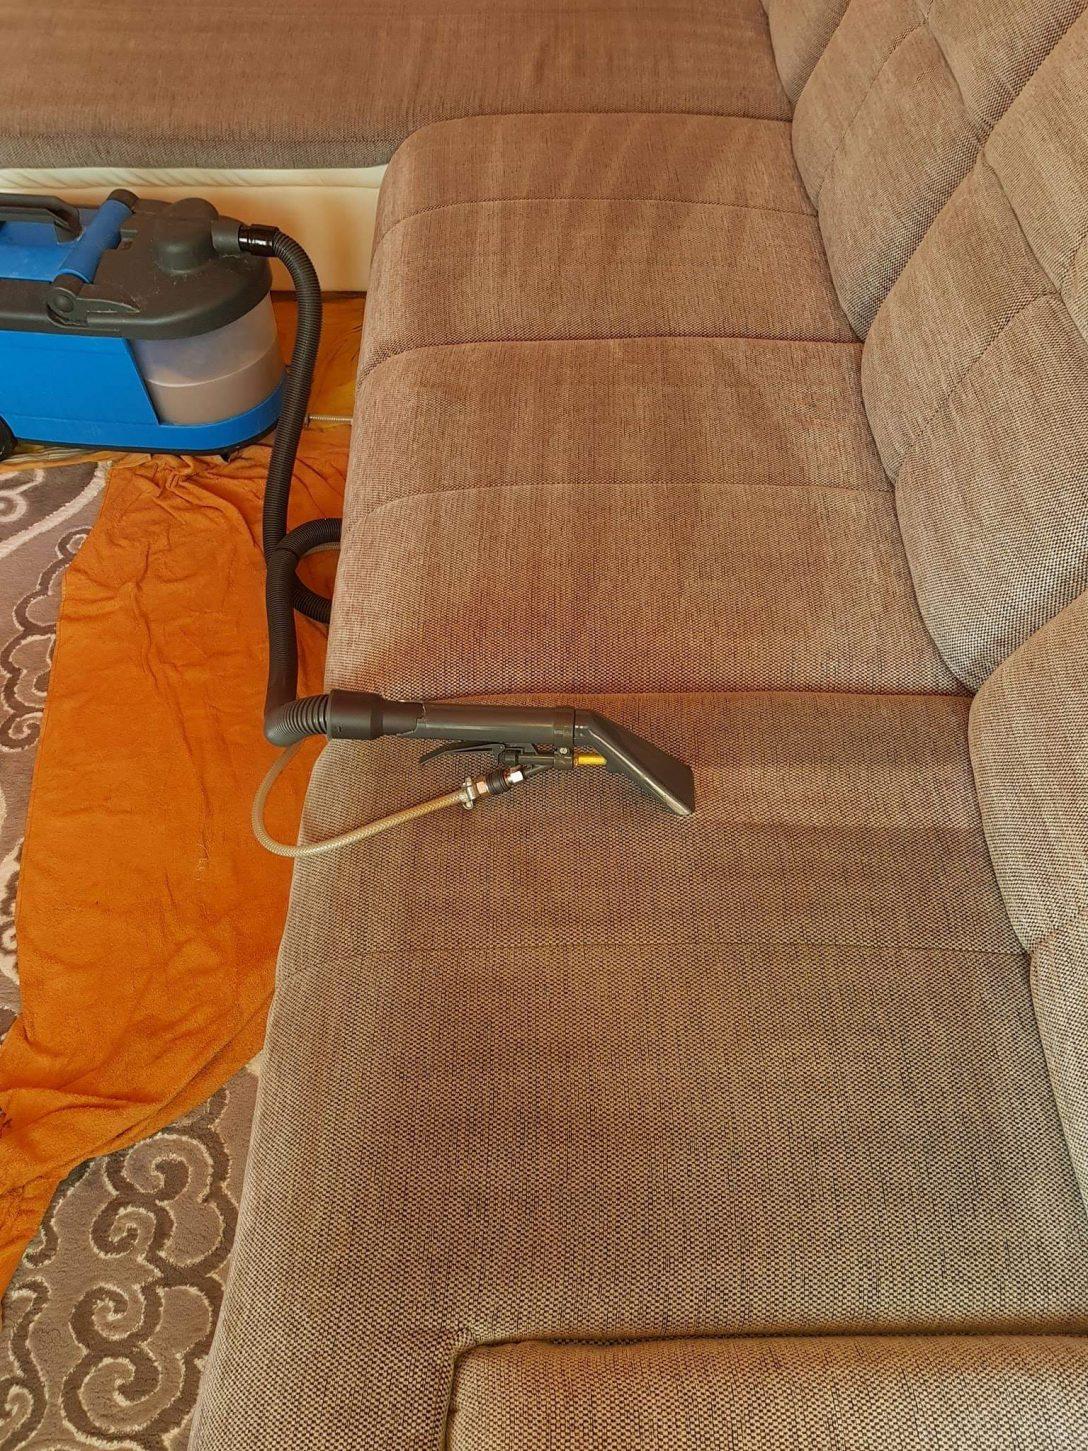 Large Size of Sofa Reinigen Couch Natron Mit Dampfreiniger Mieten Microfaser Dm Reinigung Berlin Rossmann Pure Polstermbel Wien Billig Schilling Rotes Für Esstisch Tom Sofa Sofa Reinigen